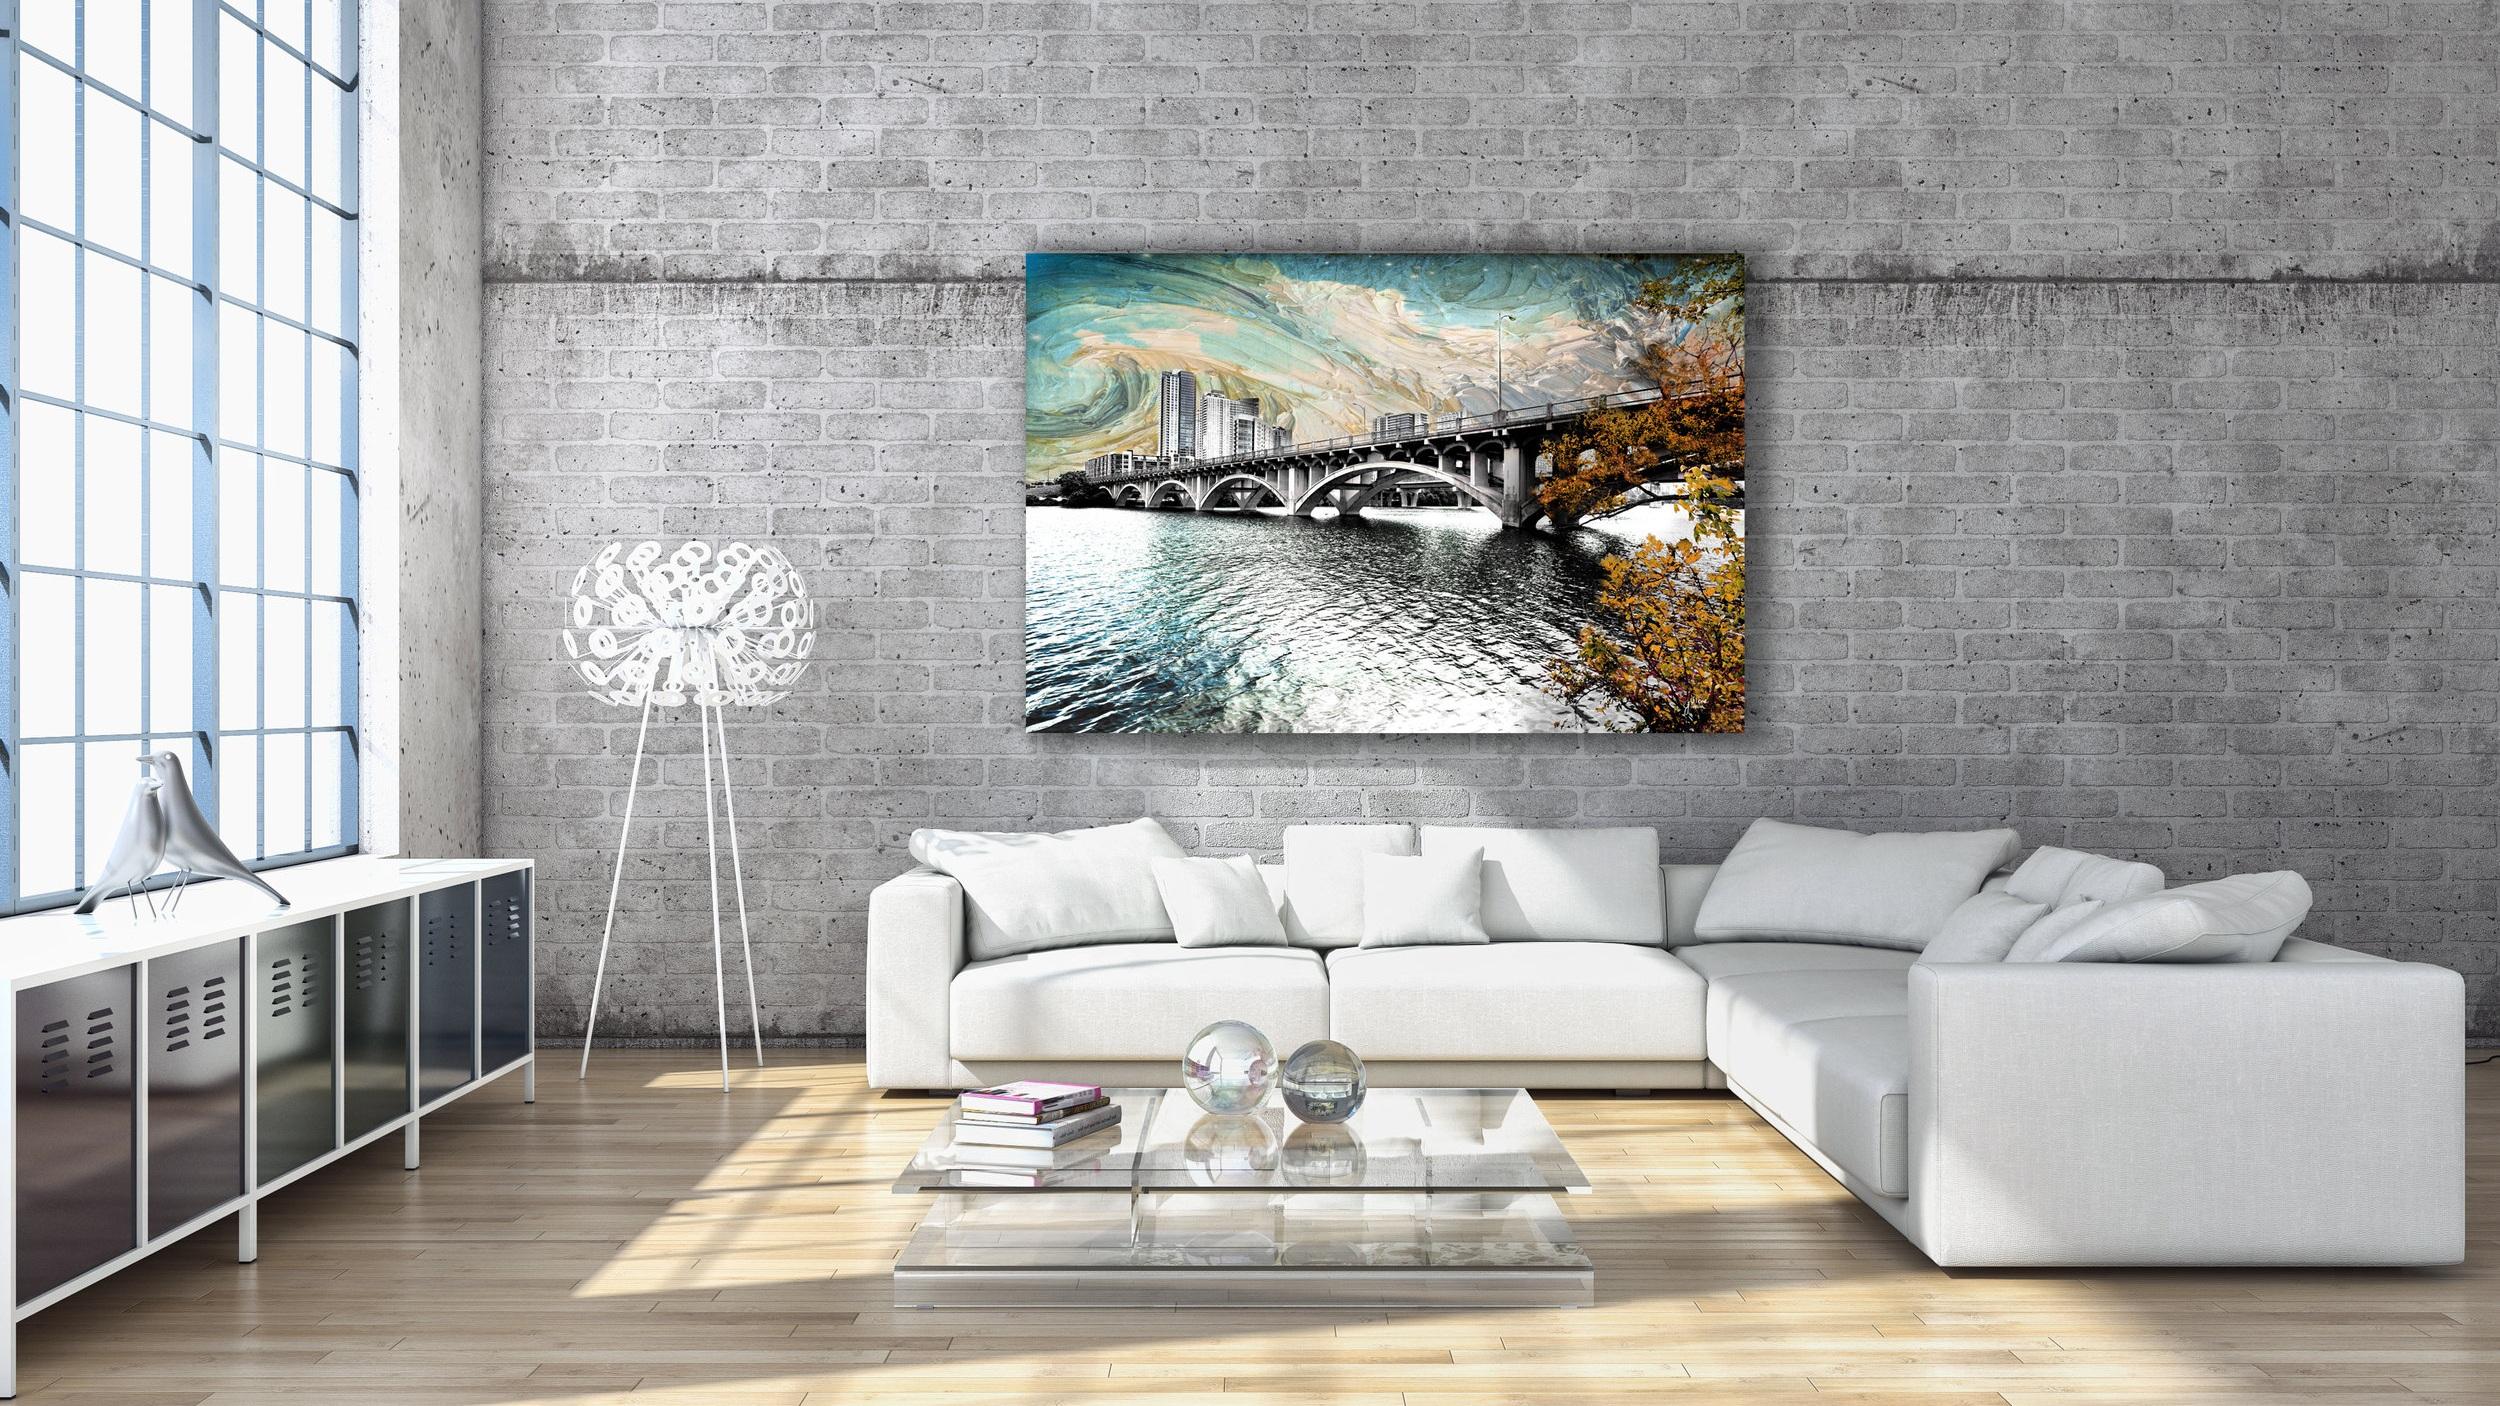 Living+Room-Starry+Sky.jpg